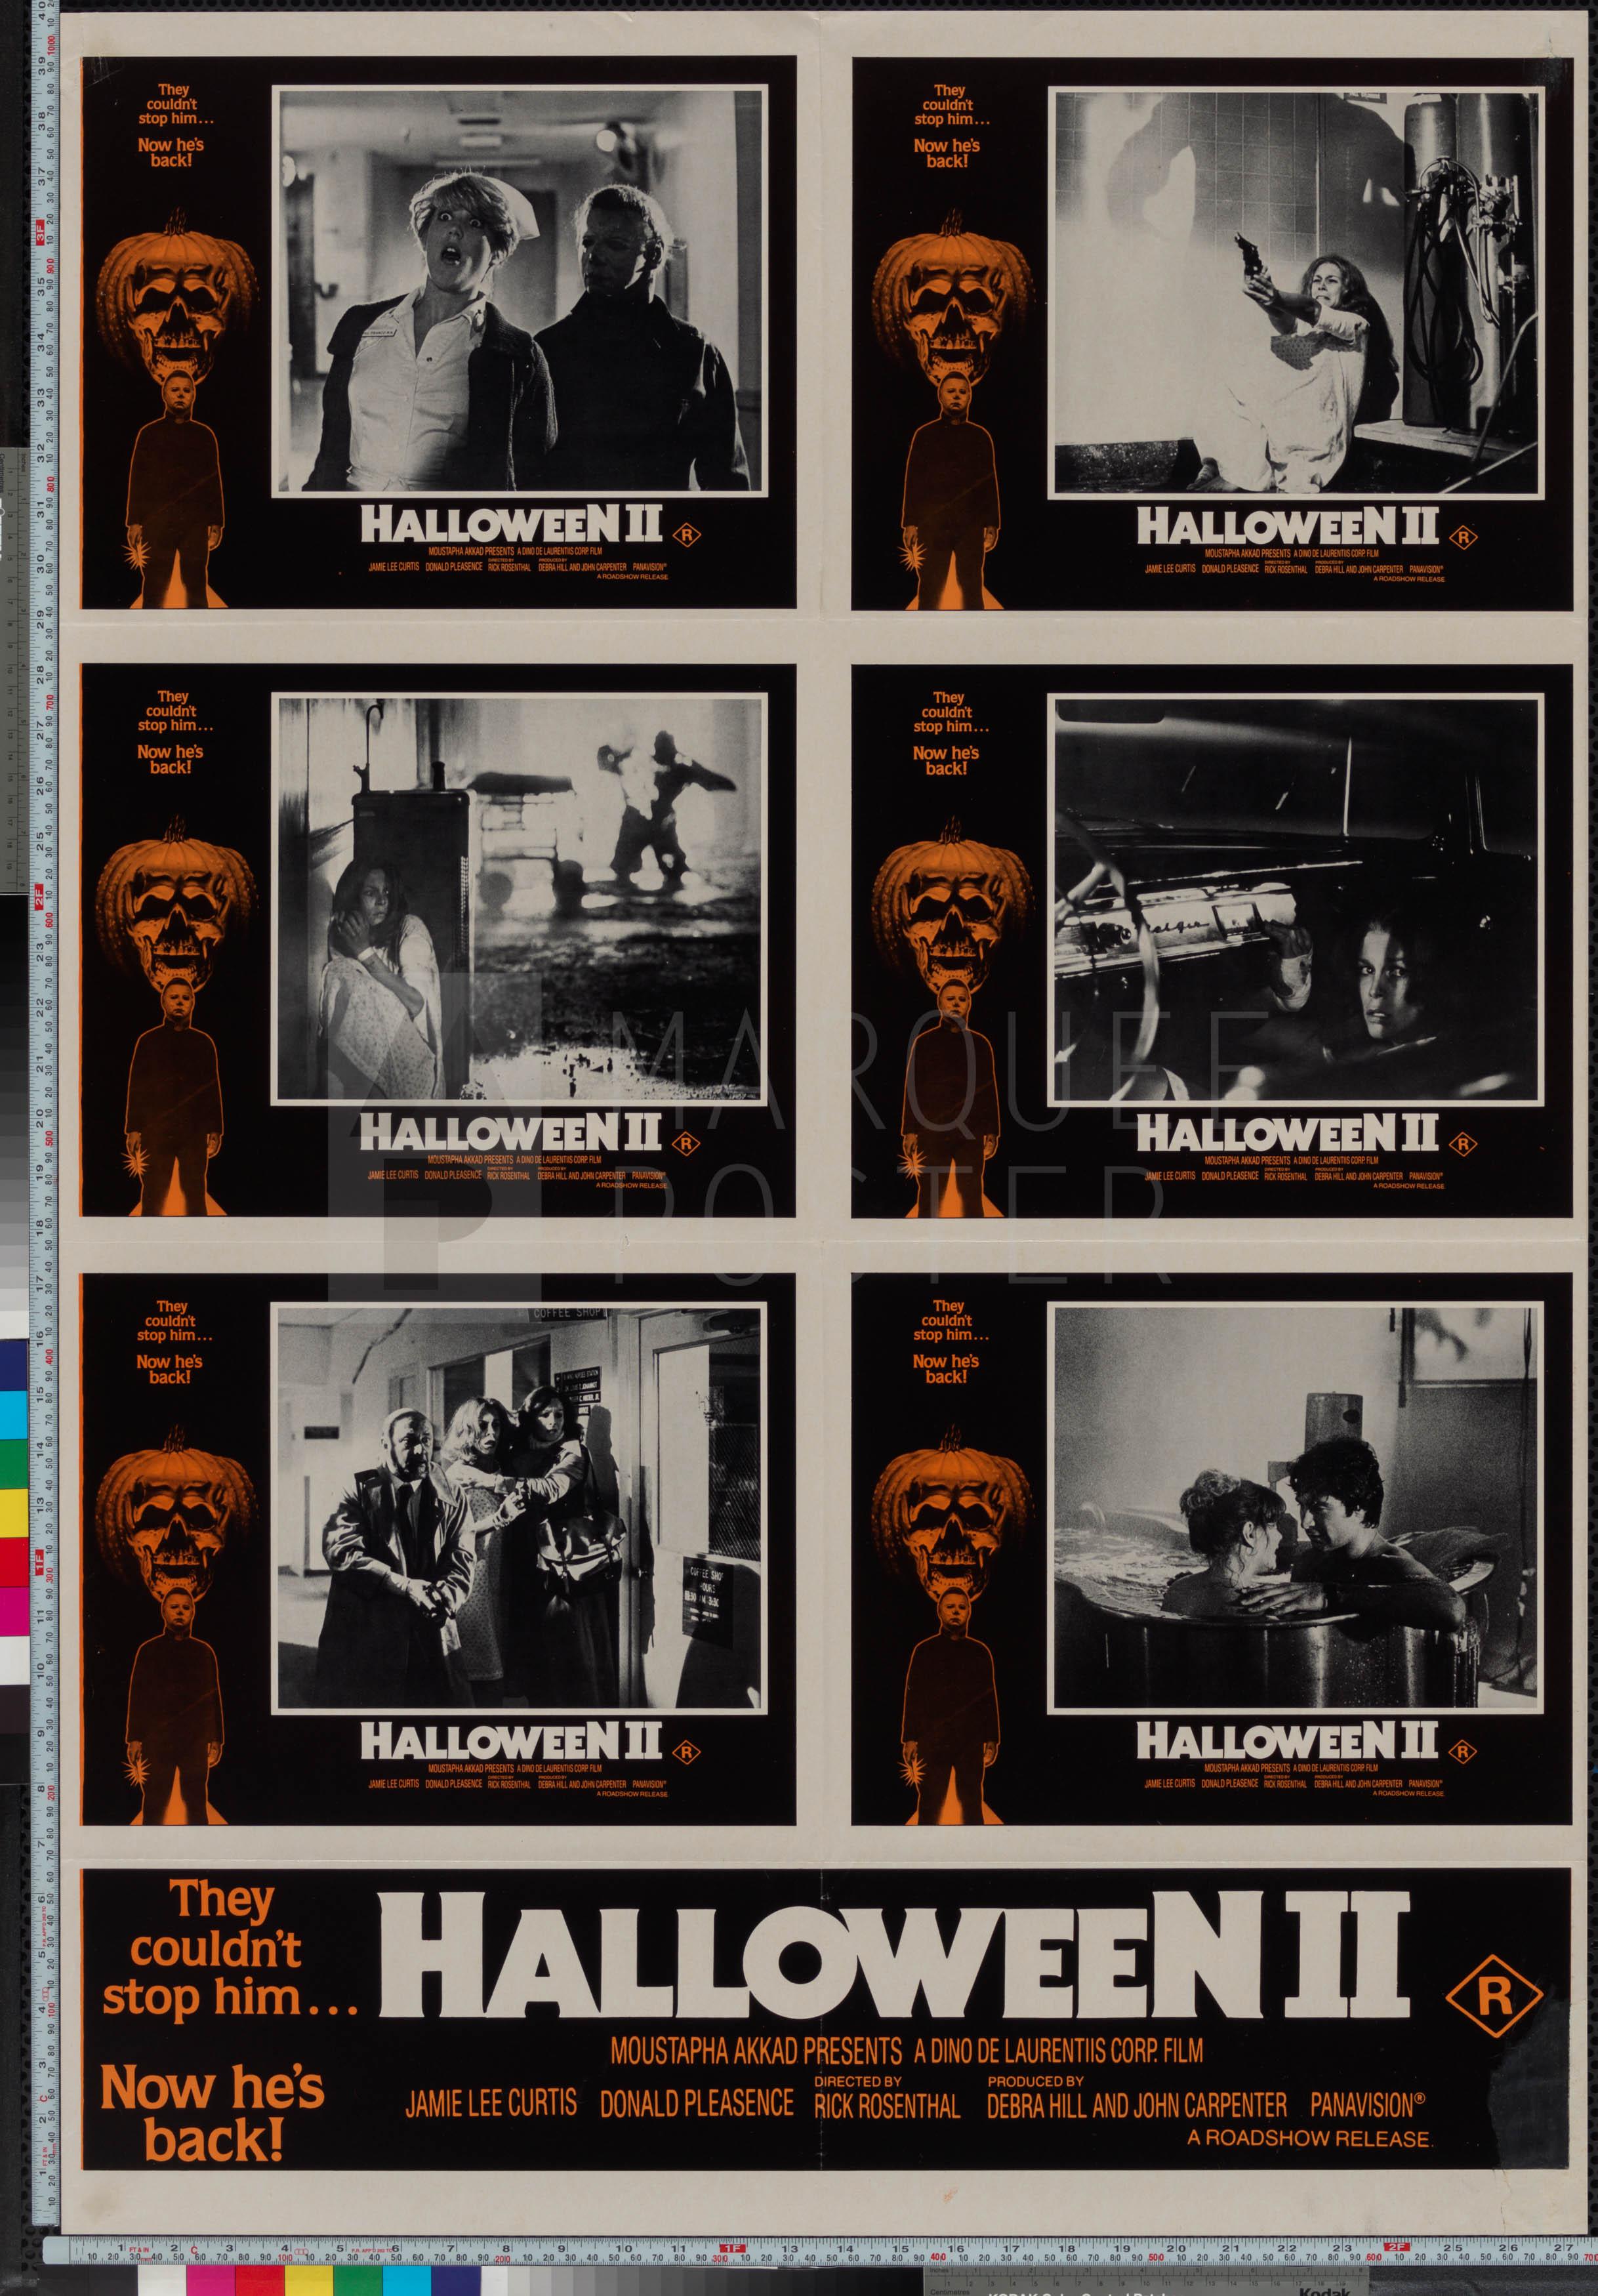 4-halloween-ii-photosheet-style-australian-1-sheet-1981-02